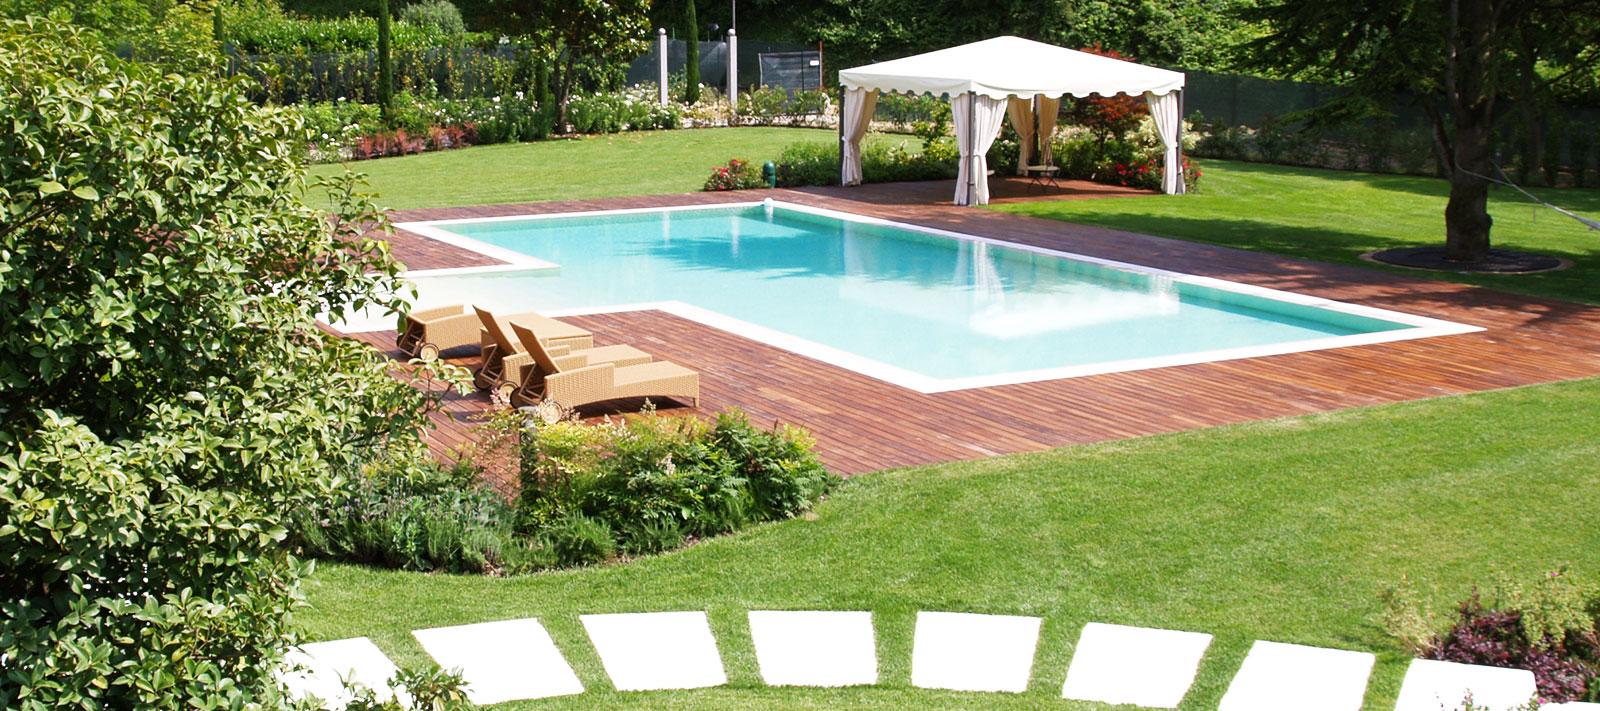 piscina privata in giardino culligan